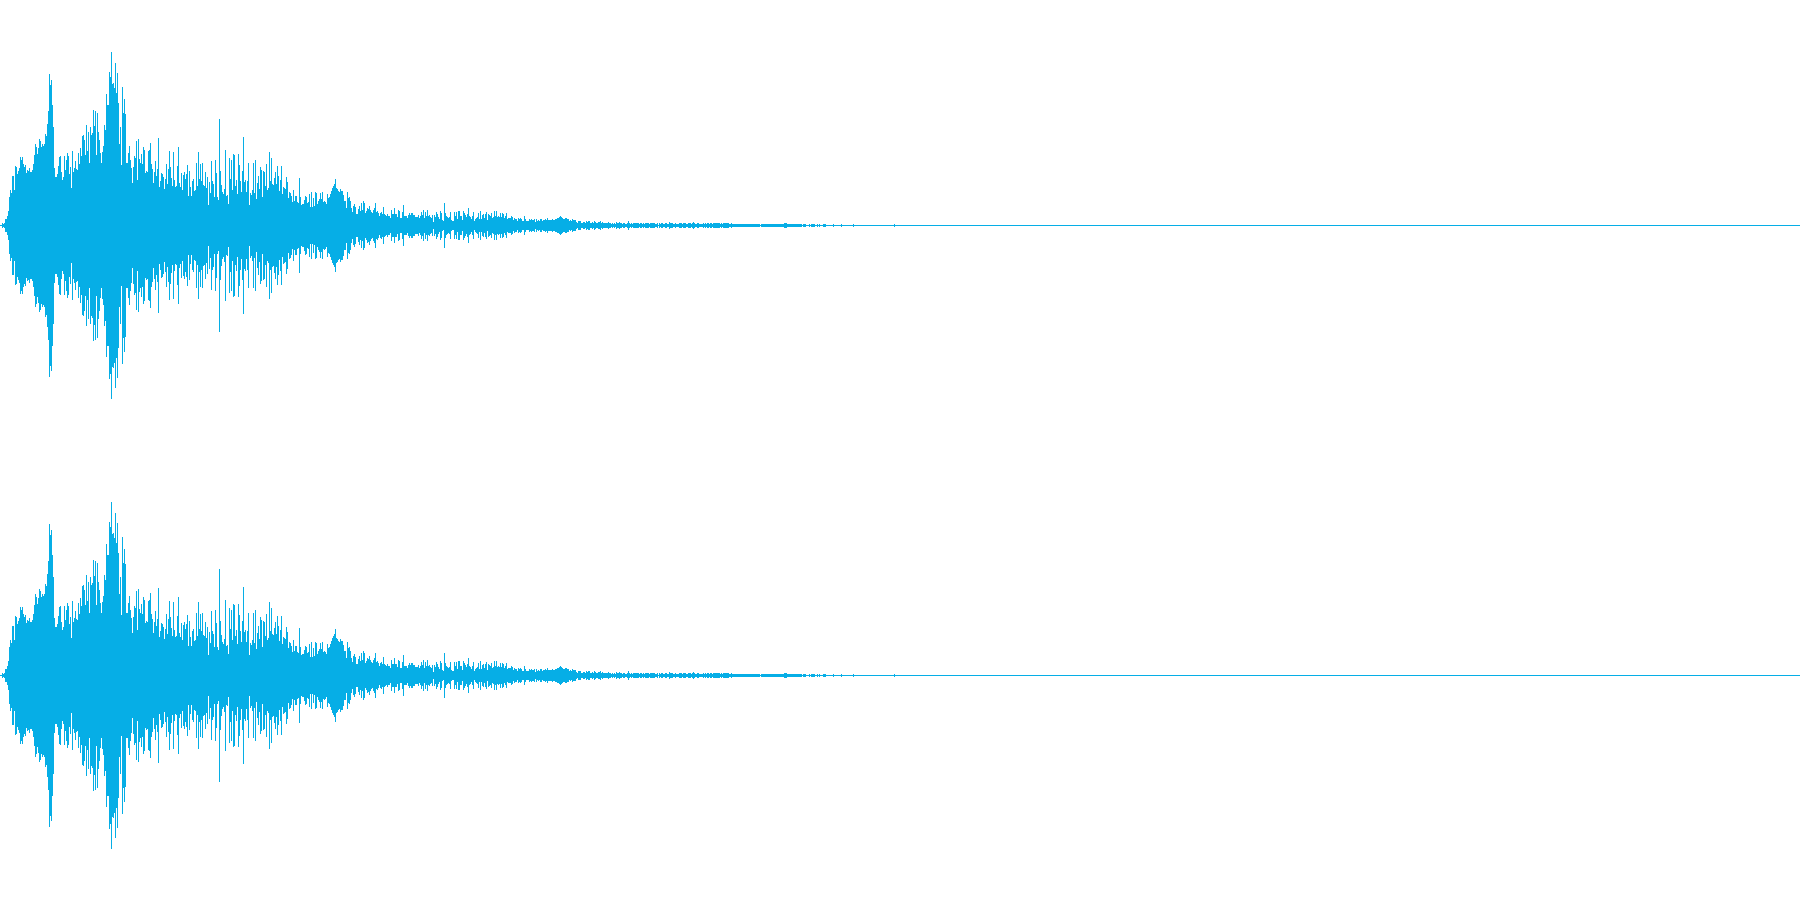 うわぁ(レトロゲーム音質の悲鳴)の再生済みの波形